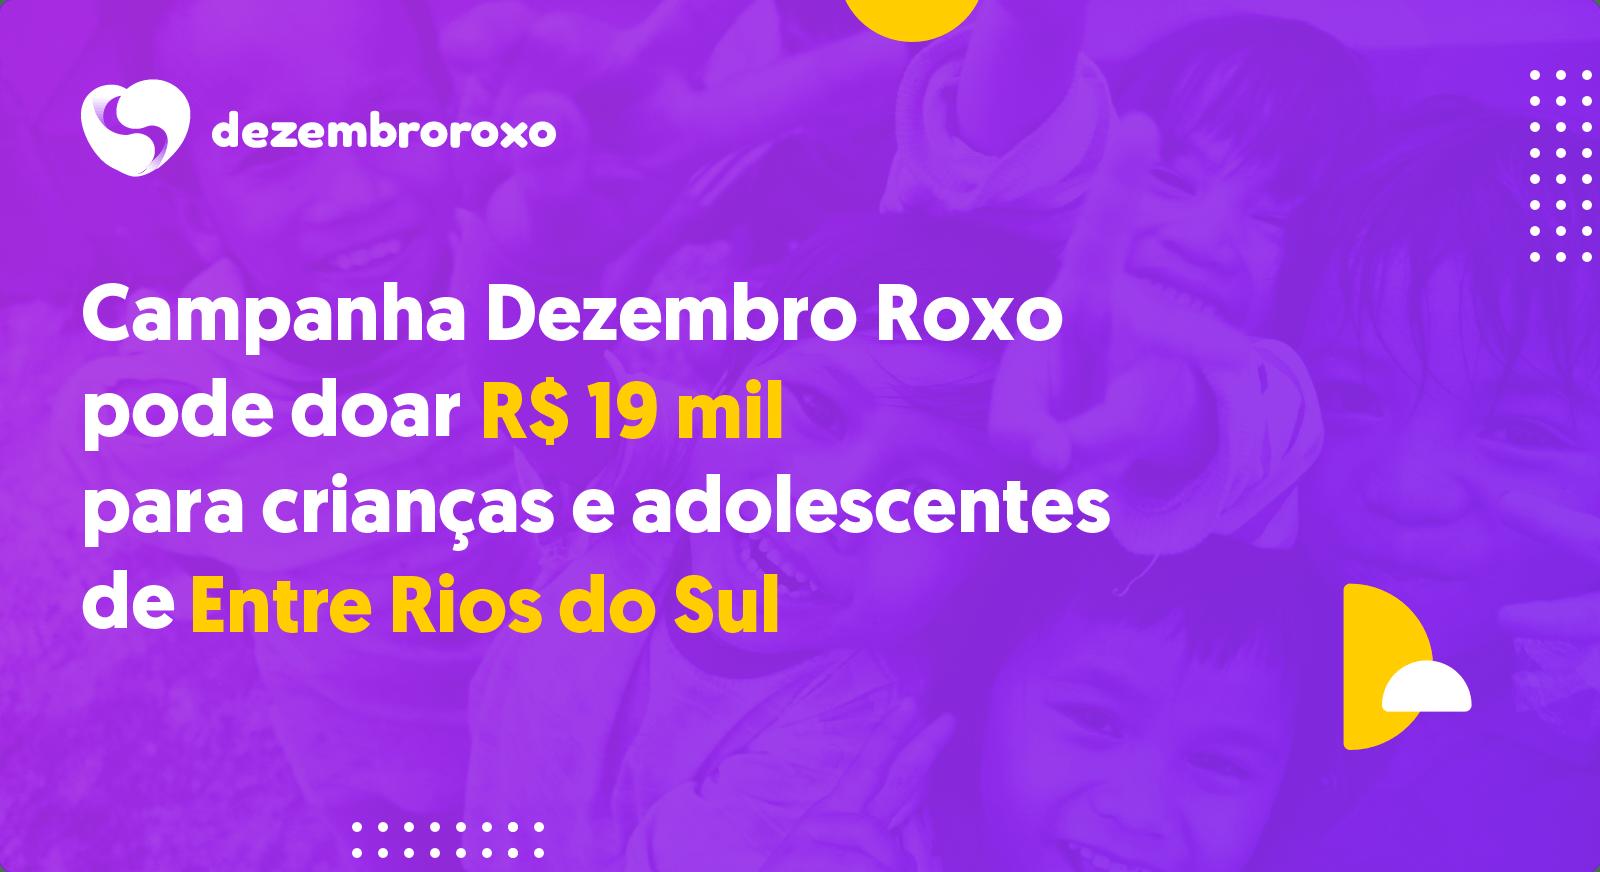 Doações em Entre Rios do Sul - RS